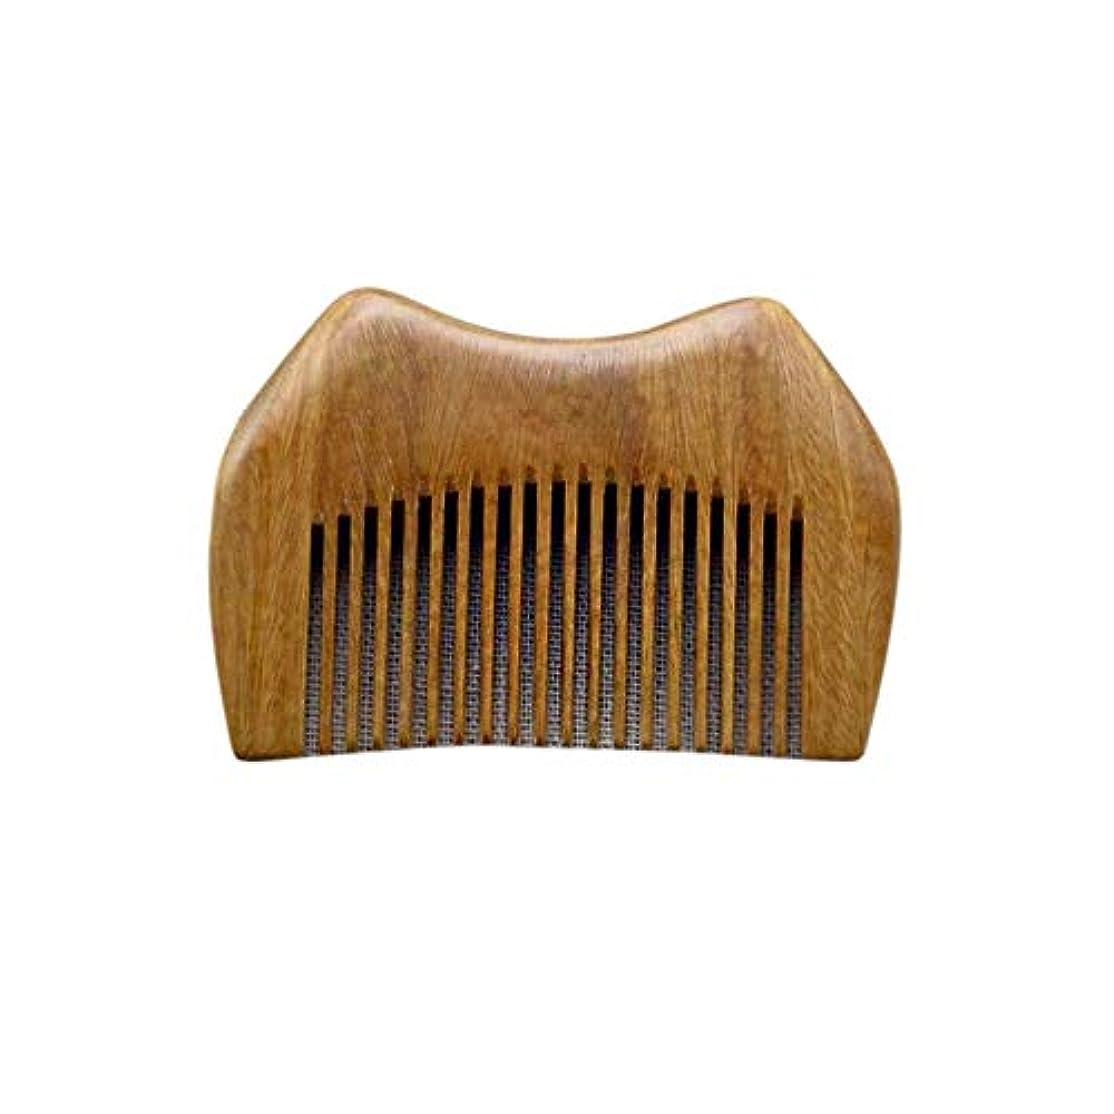 他のバンドで扇動する導出WASAIO 静的グリーンサンダルウッド櫛手作り木製櫛櫛男性女性ウェットドライカーリーストレートヘアブラシブラシ手作り木製抗静的 (色 : Photo color)